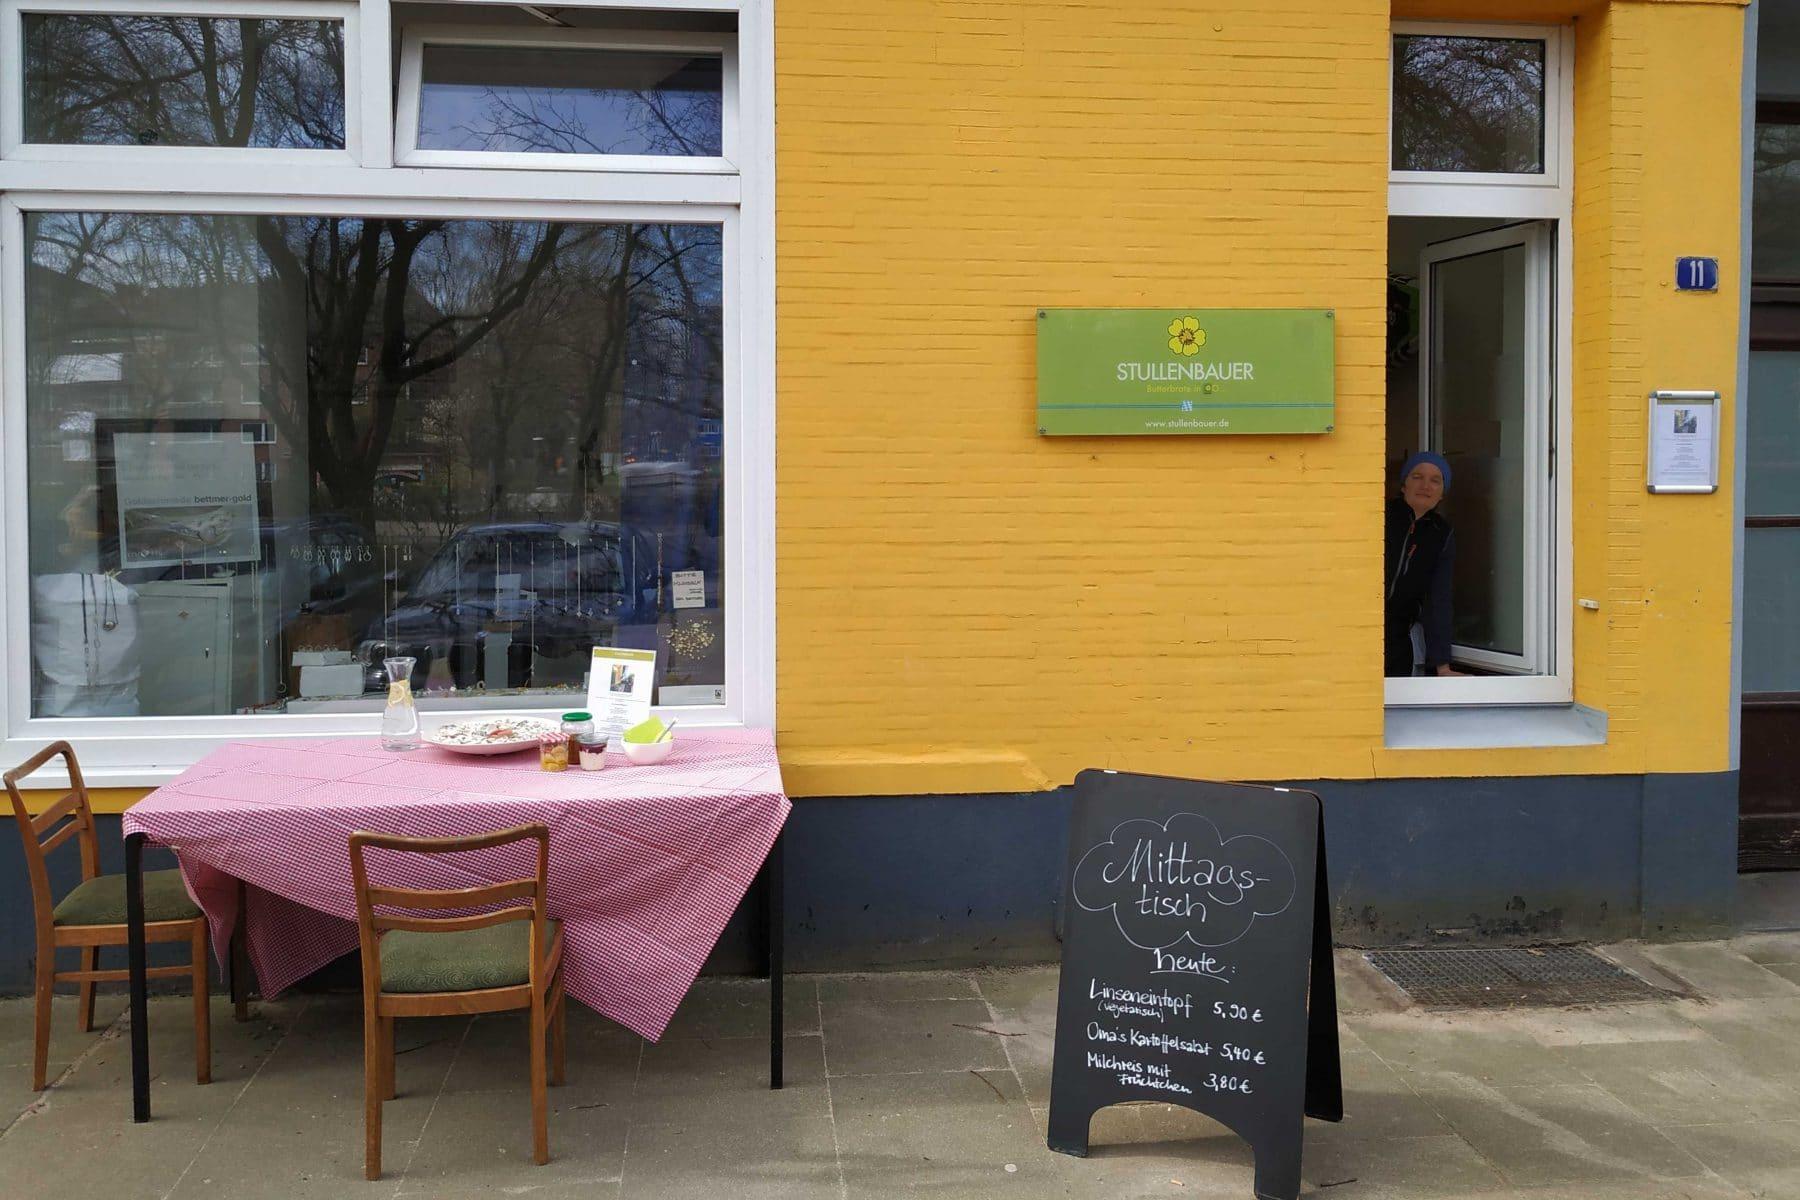 So sieht die Mittagstischklappe beim Stullenbauer aus. Foto: Eimsbütteler Nachrichten